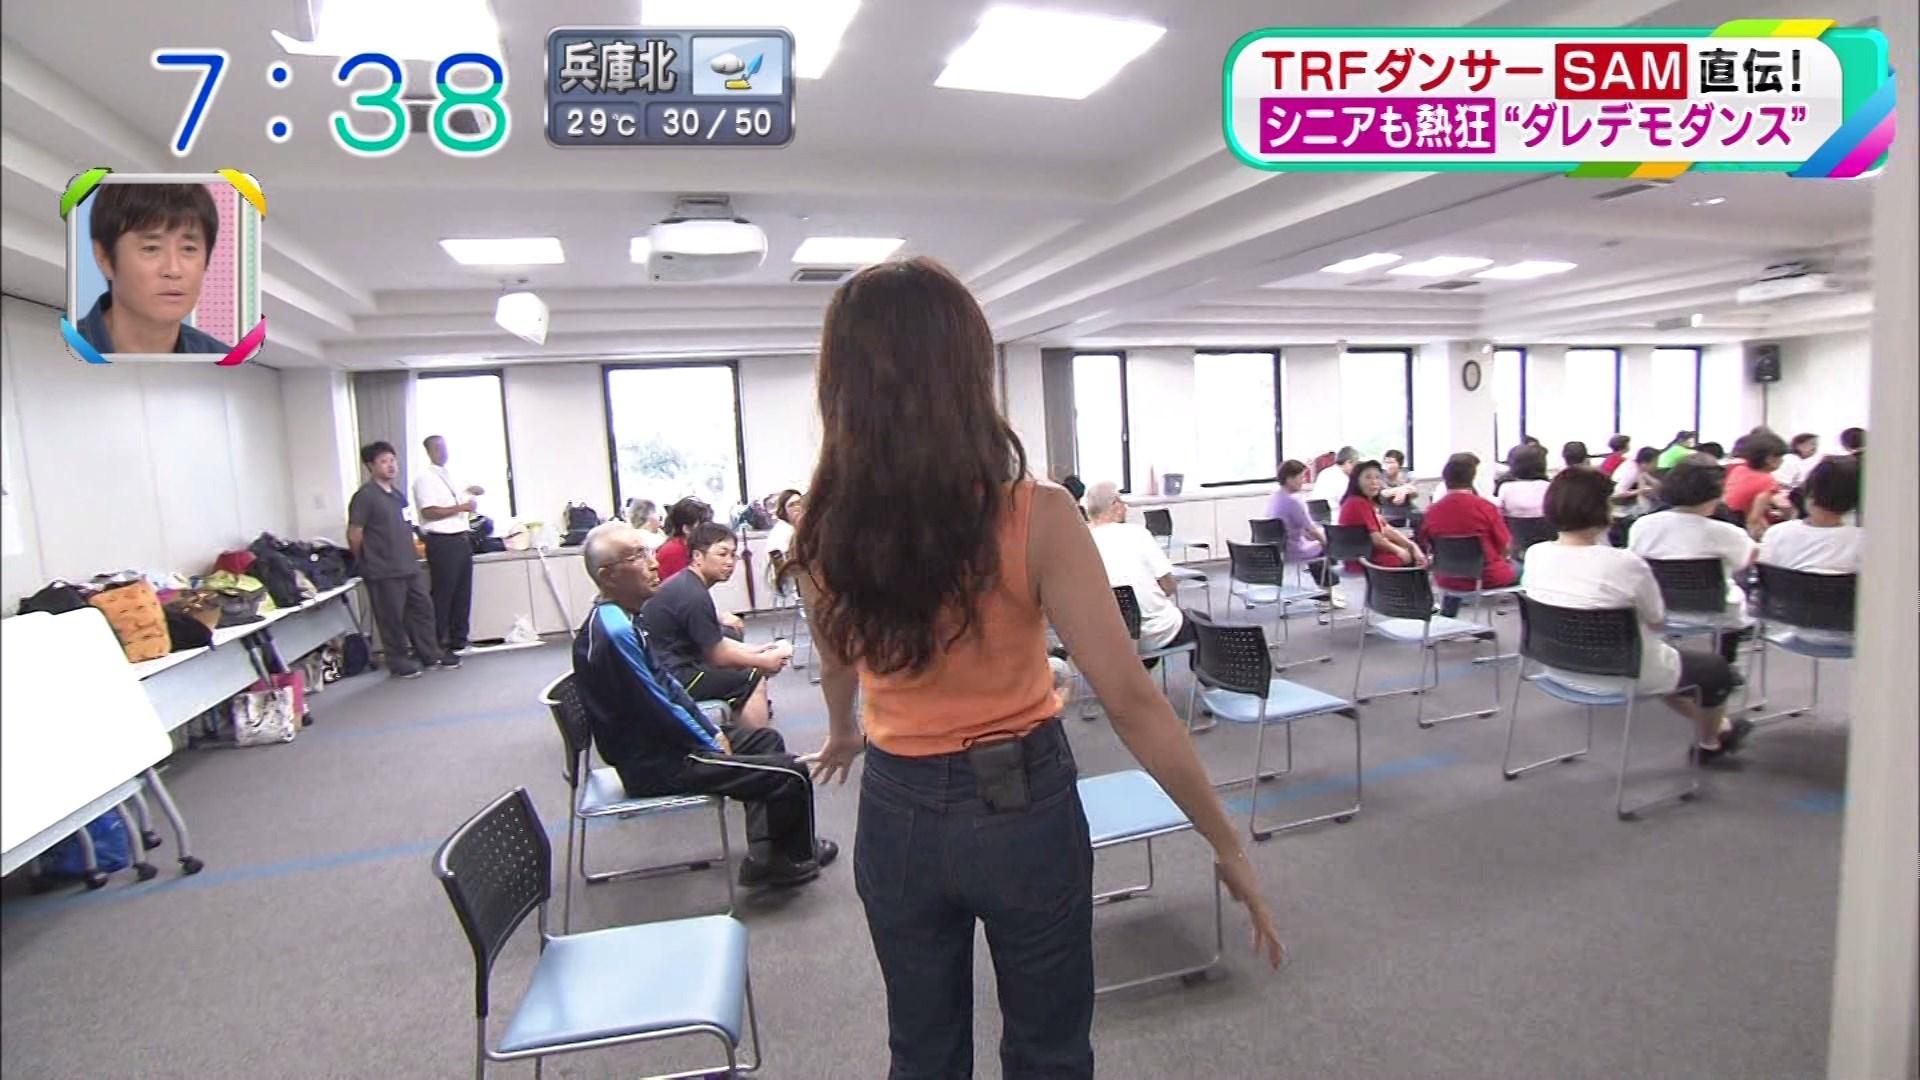 2019年9月16日に放送された「おはよう朝日です」に出演した安藤絵里菜さんのテレビキャプチャー画像-029